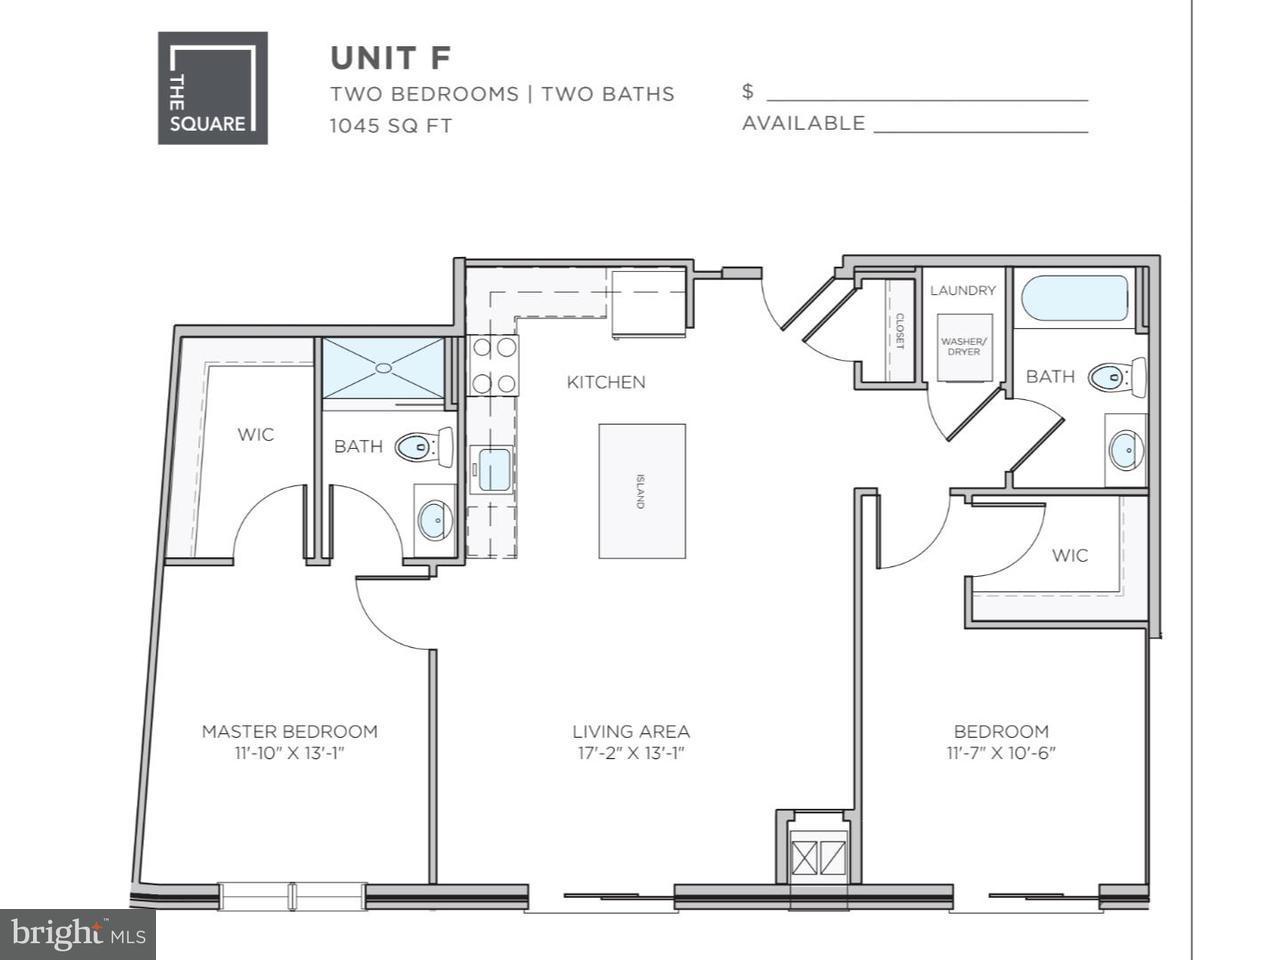 Casa Unifamiliar por un Alquiler en 110 SIBLEY AVE #209 Ardmore, Pennsylvania 19003 Estados Unidos